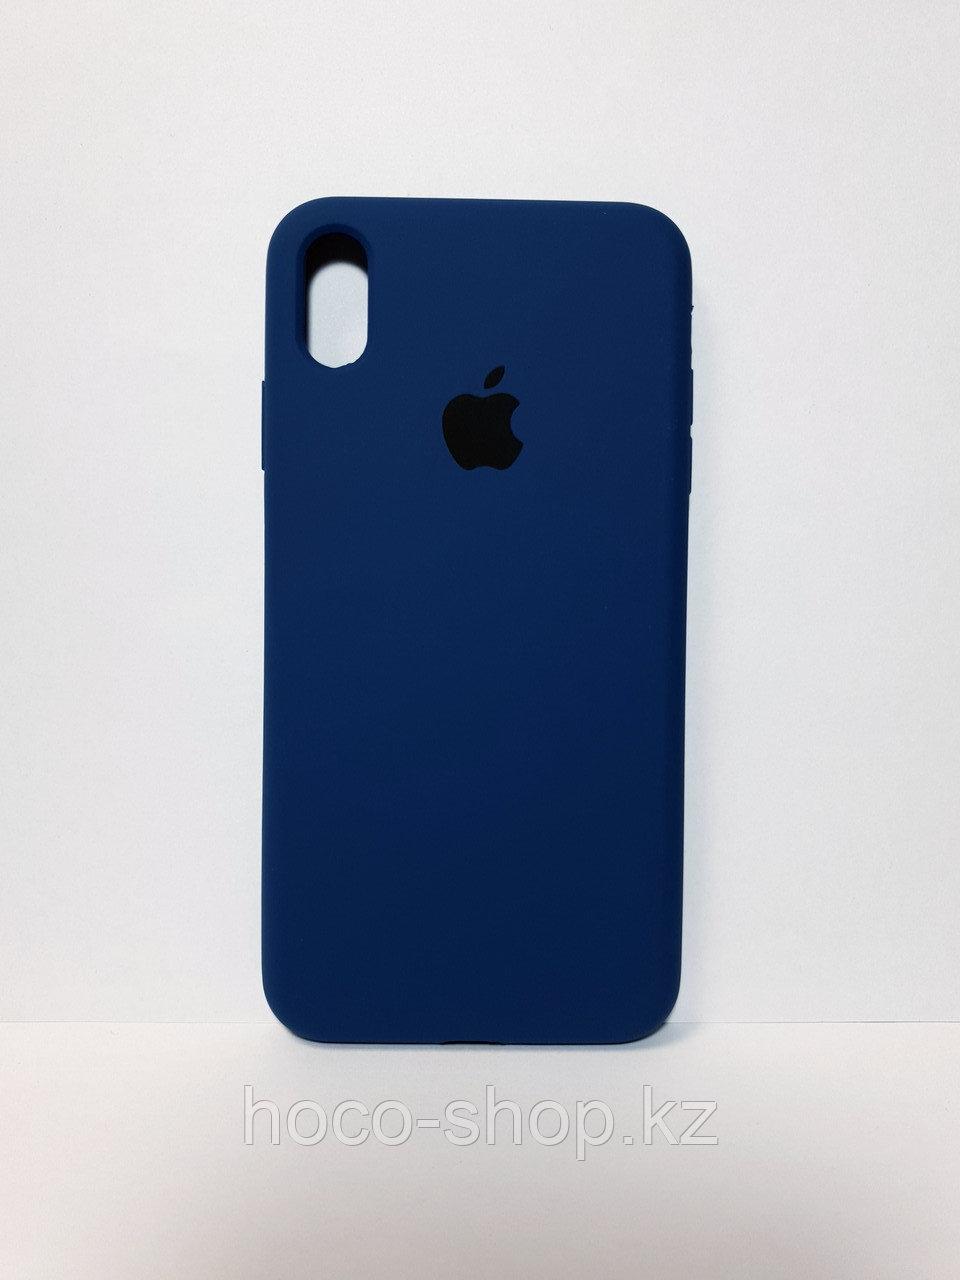 Защитный чехол для iPhone Xs Max Soft Touch силиконовый, темно синий